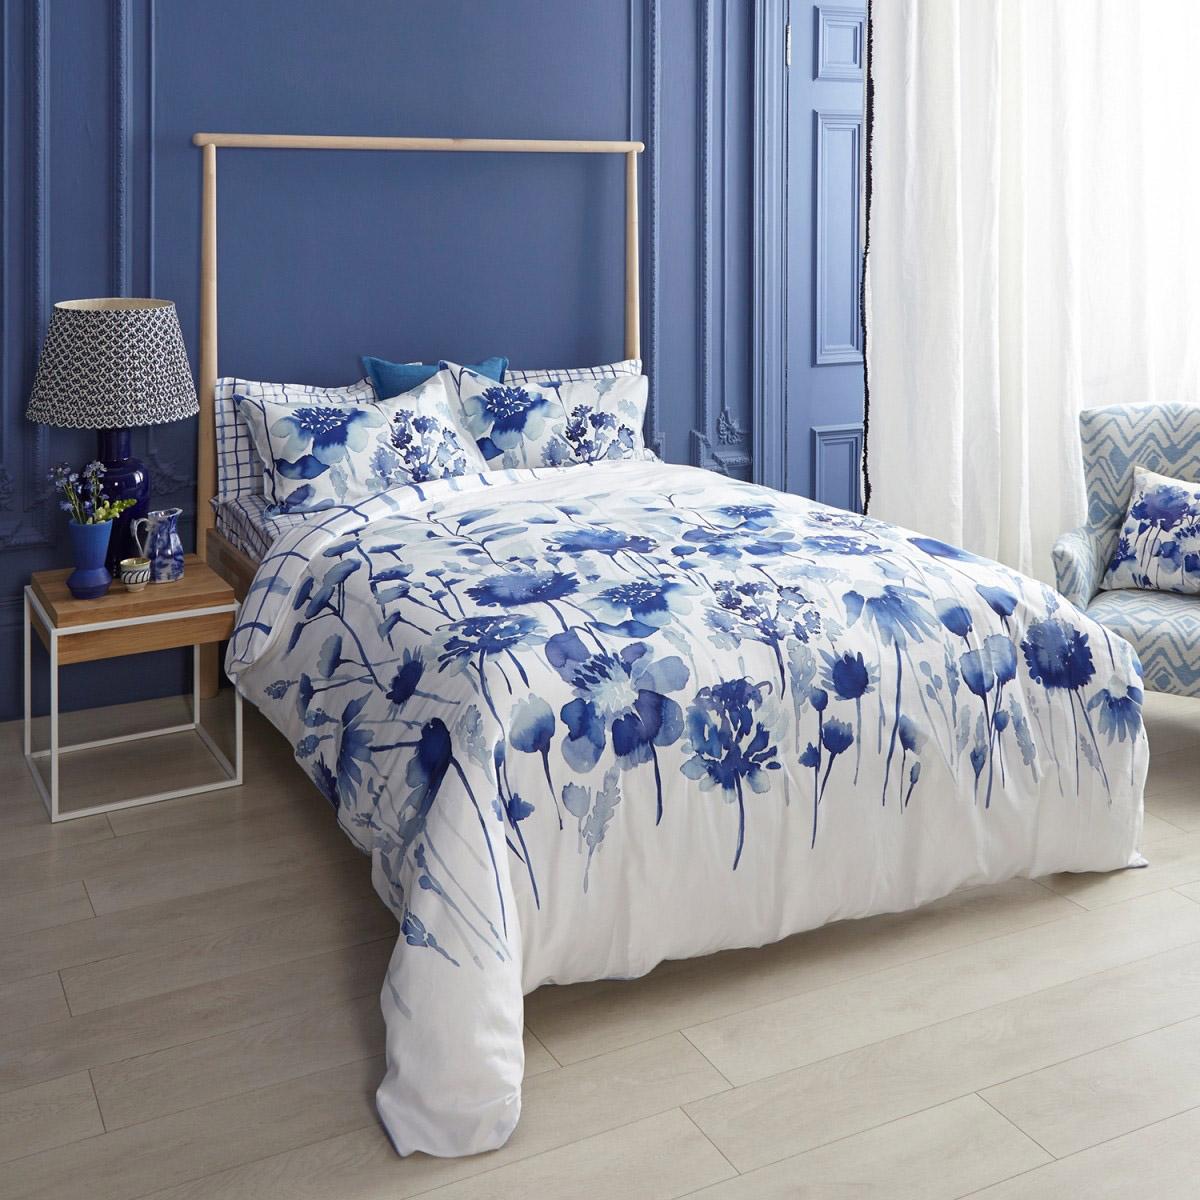 Bluebell Grey Corran Bedding 1500 1